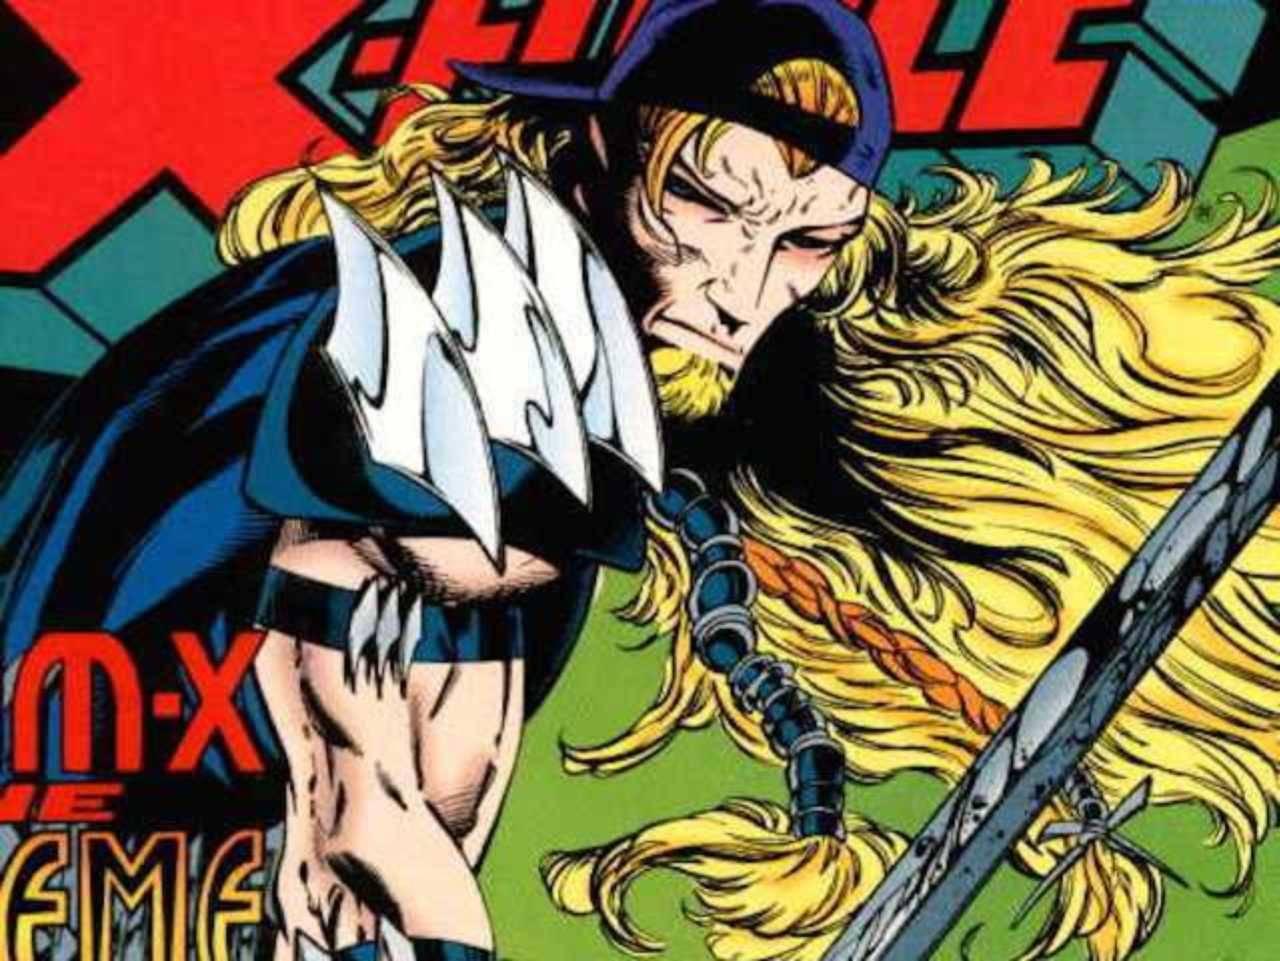 peggiori supereroi - Adam X the X-Treme